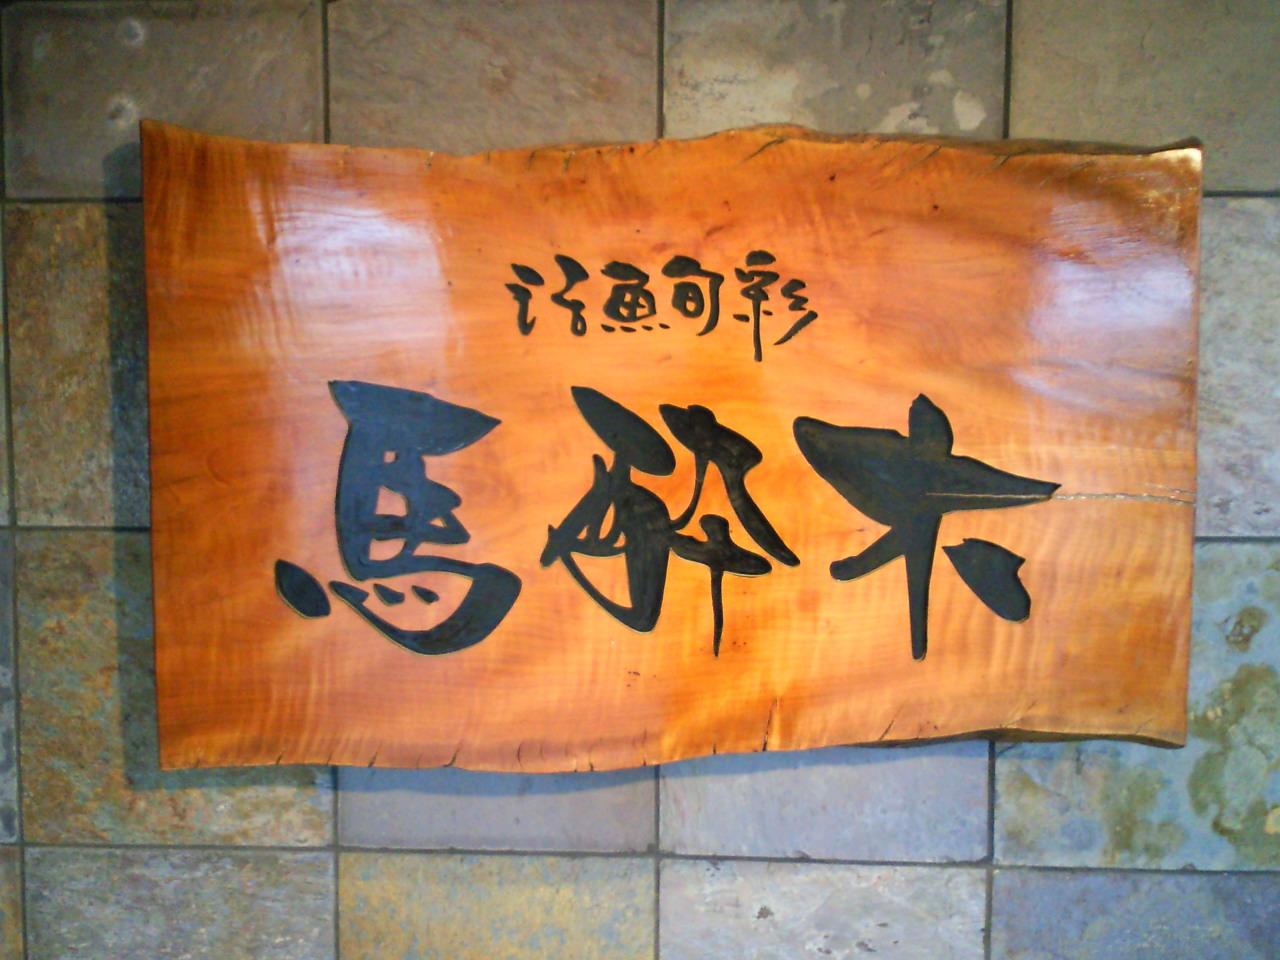 活魚旬彩 馬酔木 国分店